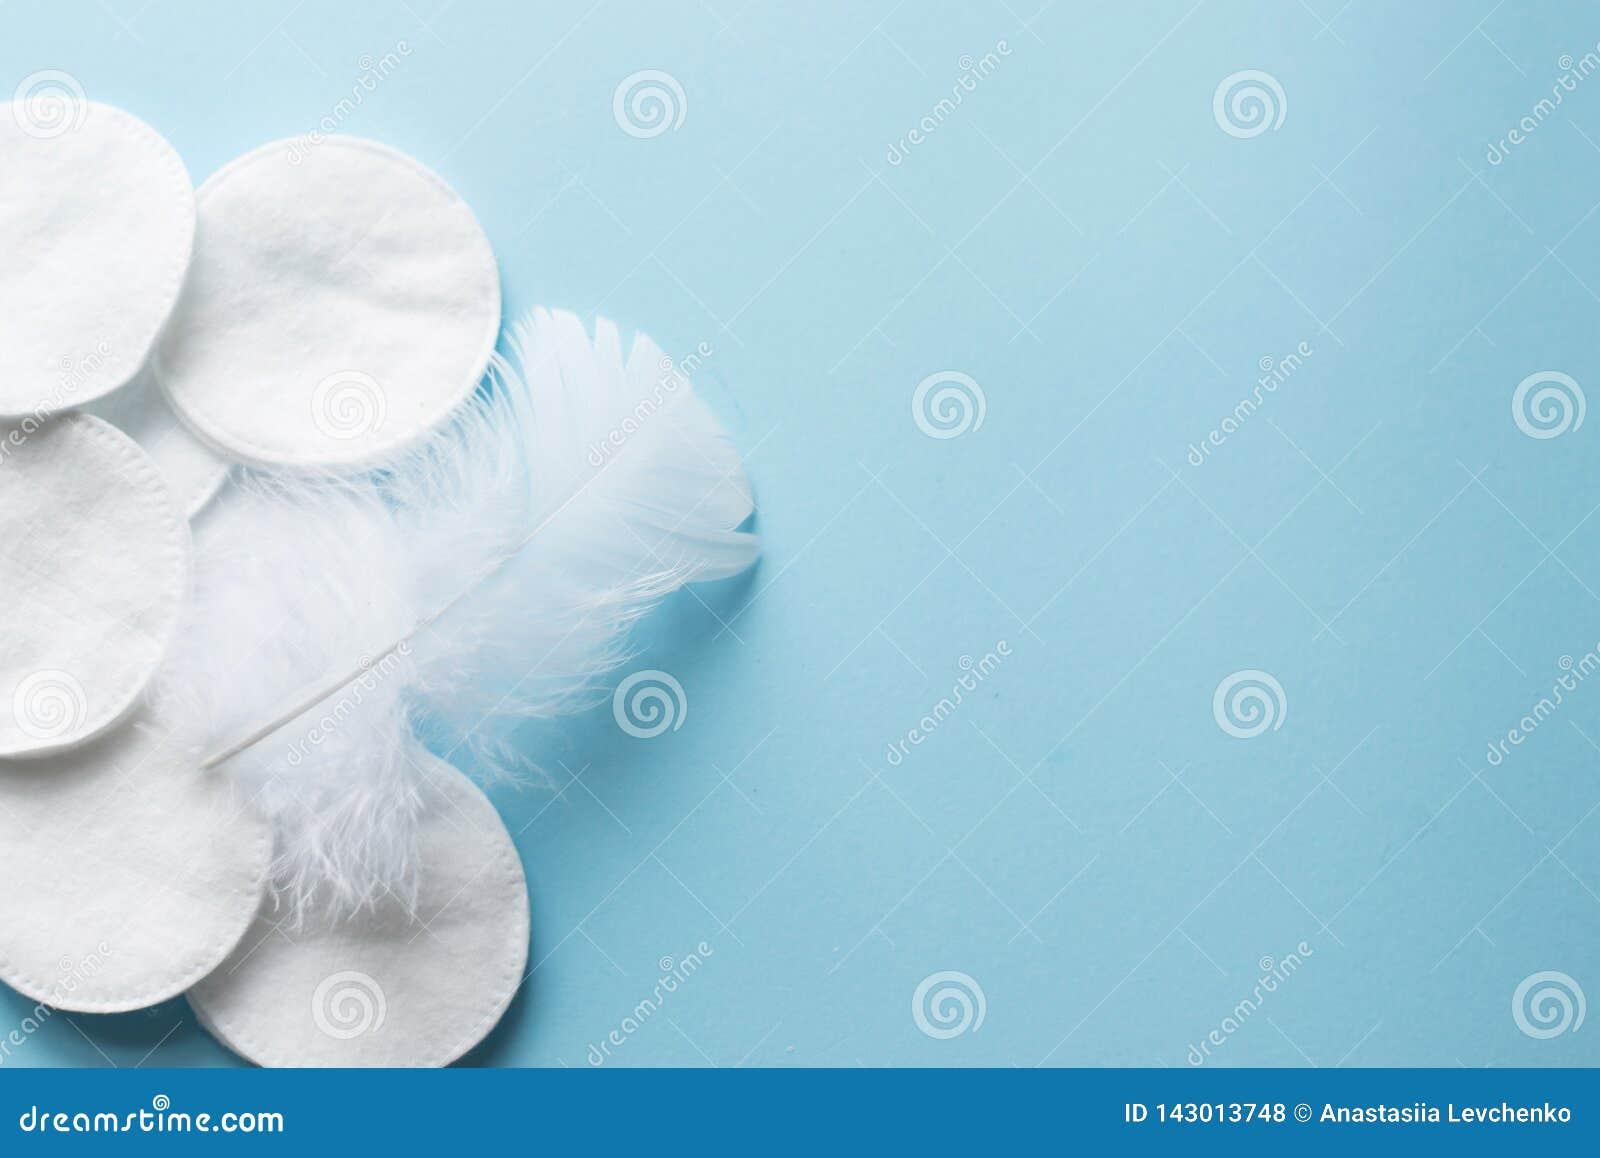 Baumwollauflagen mit weißer Feder auf blauem Hintergrundabschluß oben Kopieren Sie Platz Beschneidungspfad eingeschlossen